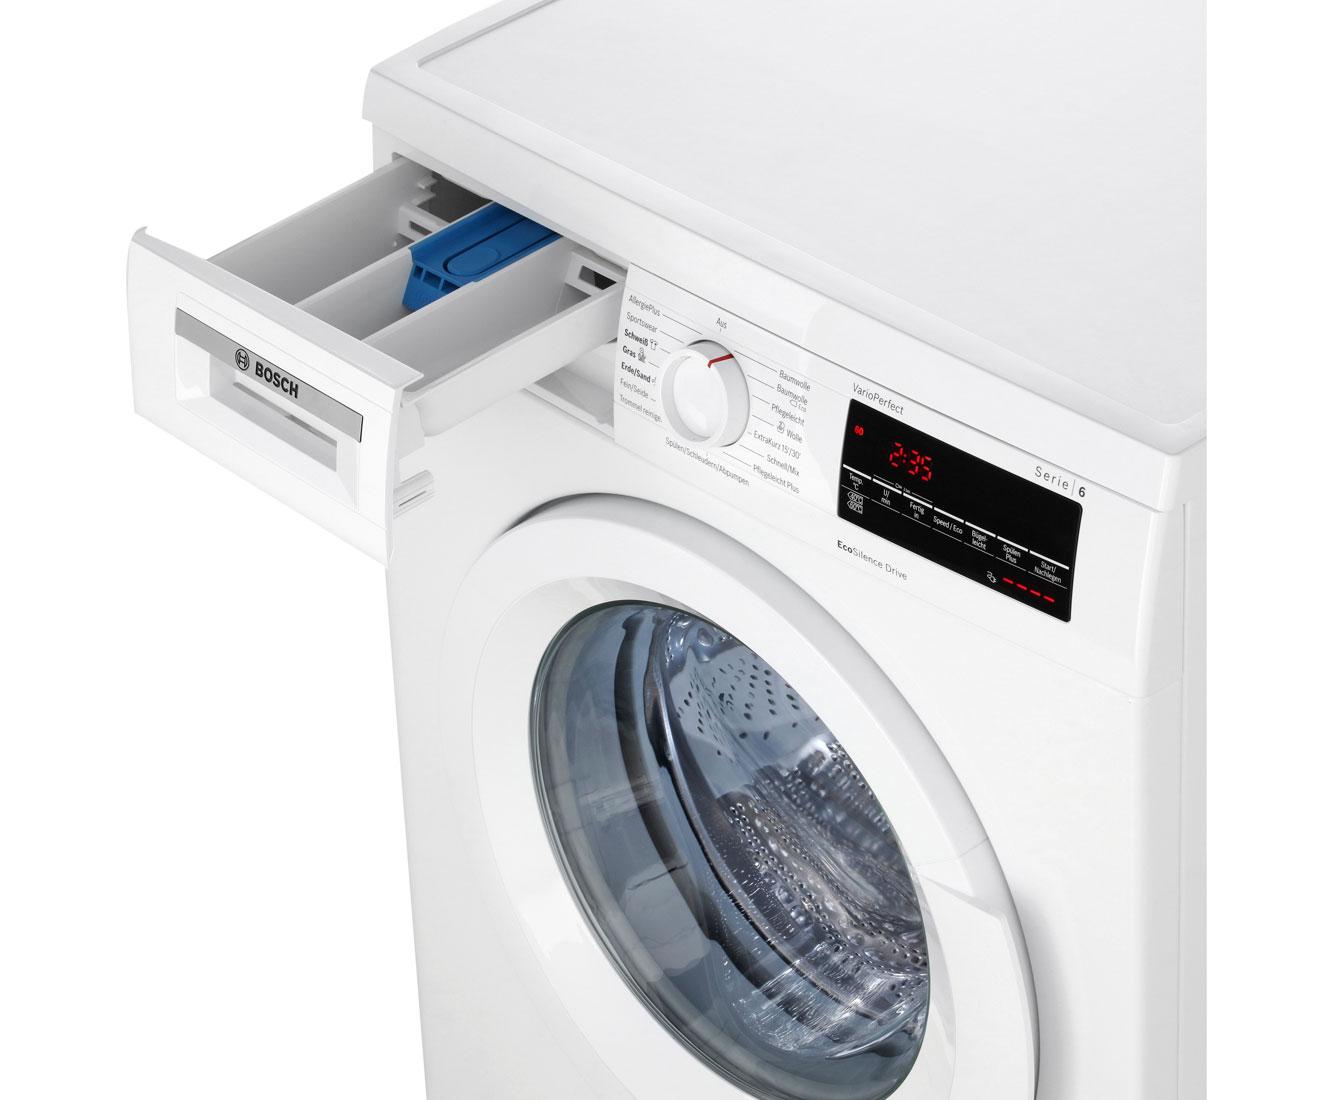 seide in waschmaschine waschen seide waschen in der waschmaschine geht es so nasse seide ins. Black Bedroom Furniture Sets. Home Design Ideas